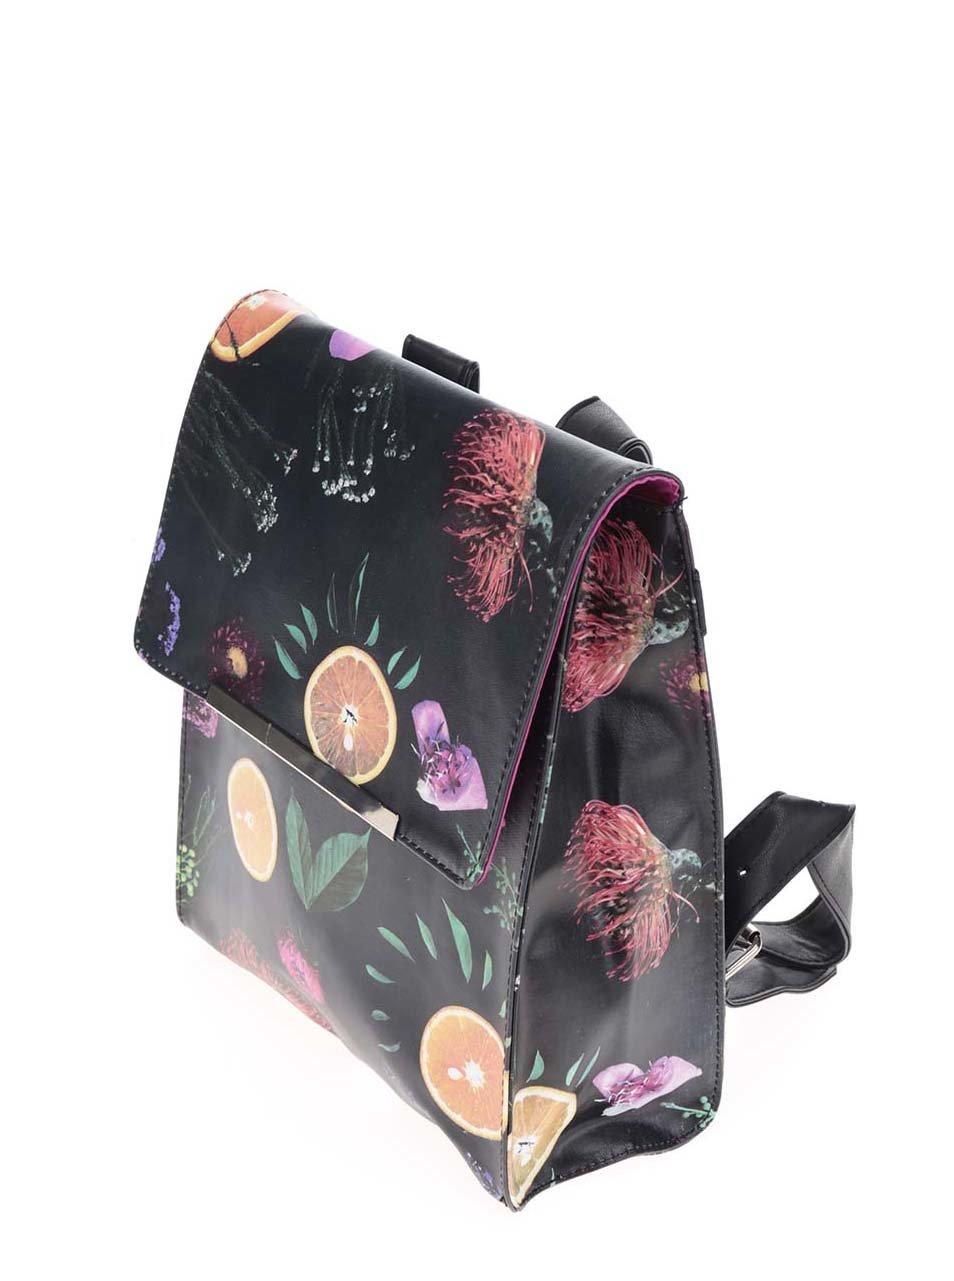 Černý batoh s motivem ovoce a květin Disaster Florence ... 3647d79002